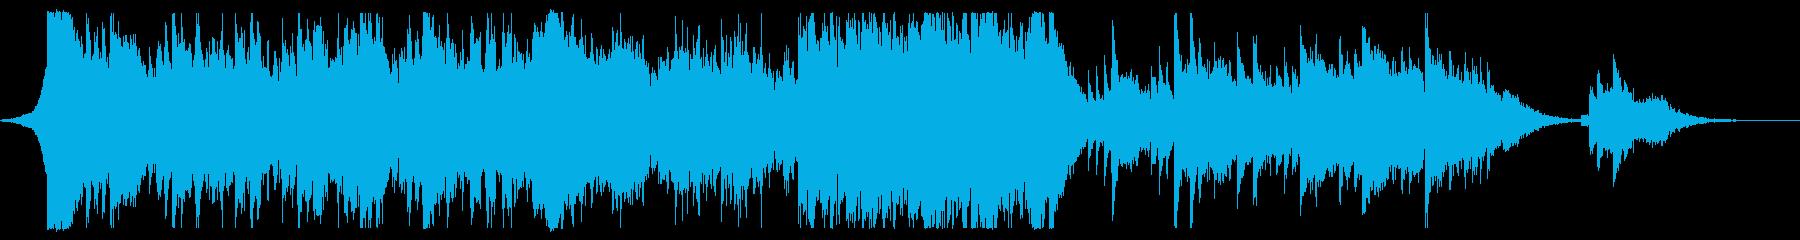 希望、爽やかなシネマティックトレーラーCの再生済みの波形